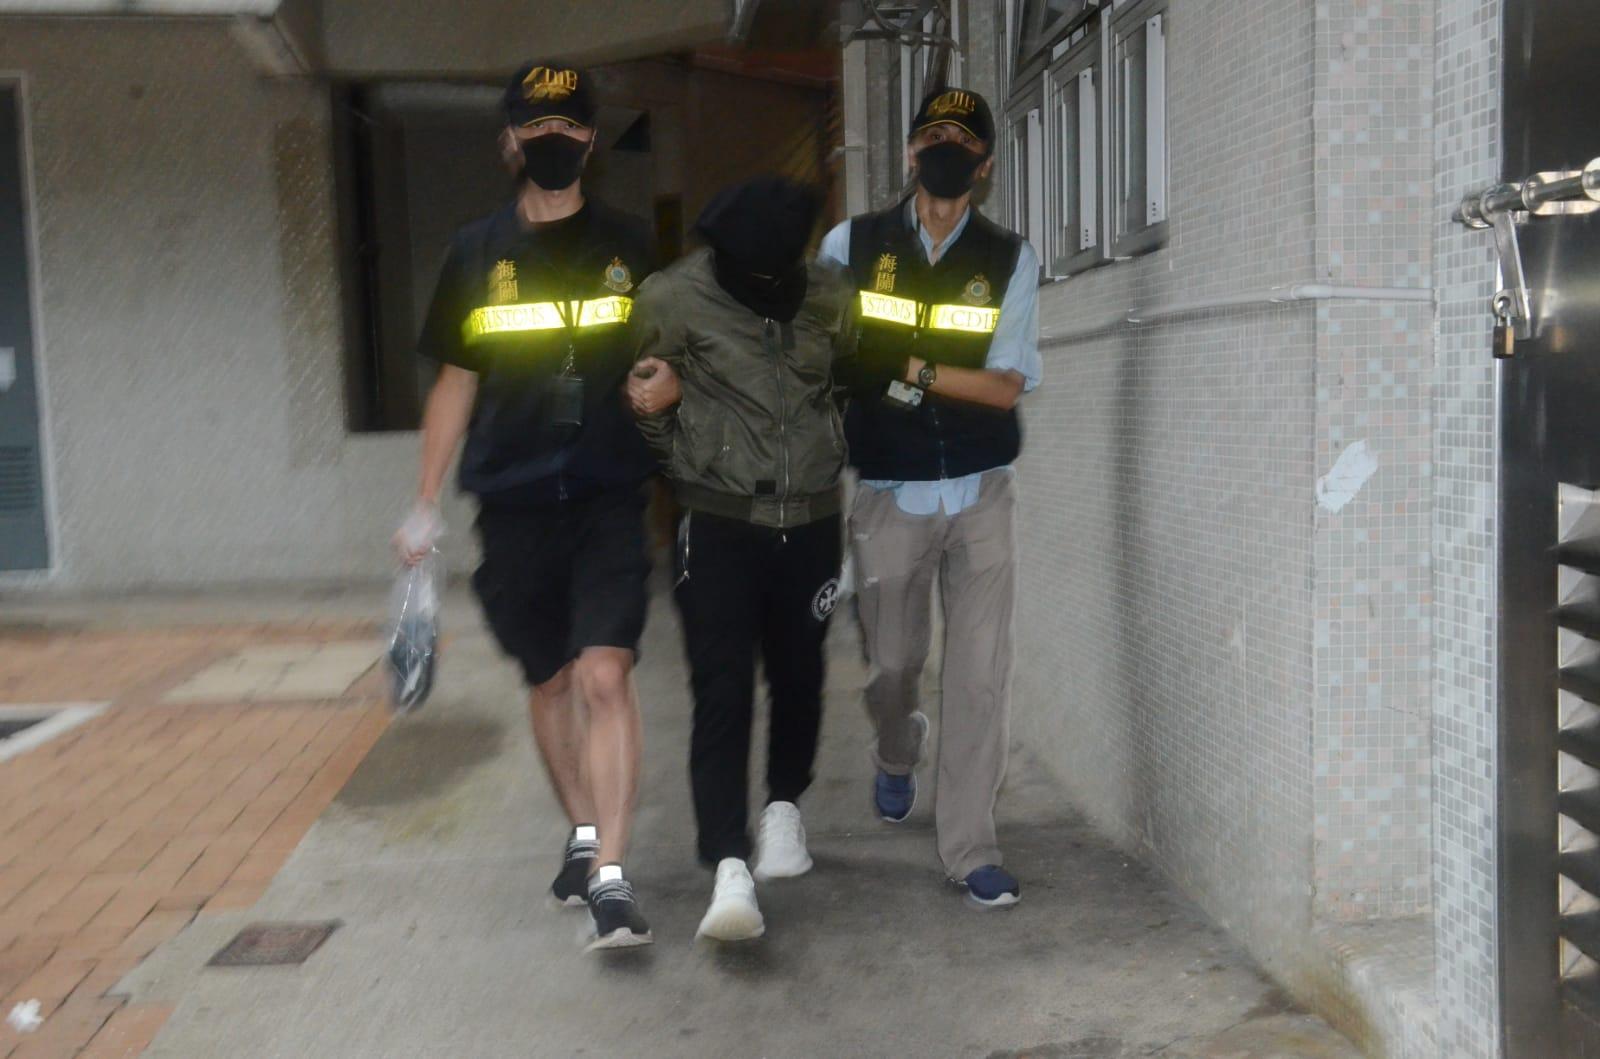 疑犯(中)被押返慈雲山慈樂邨樂旺樓一單位再作進一步搜查。